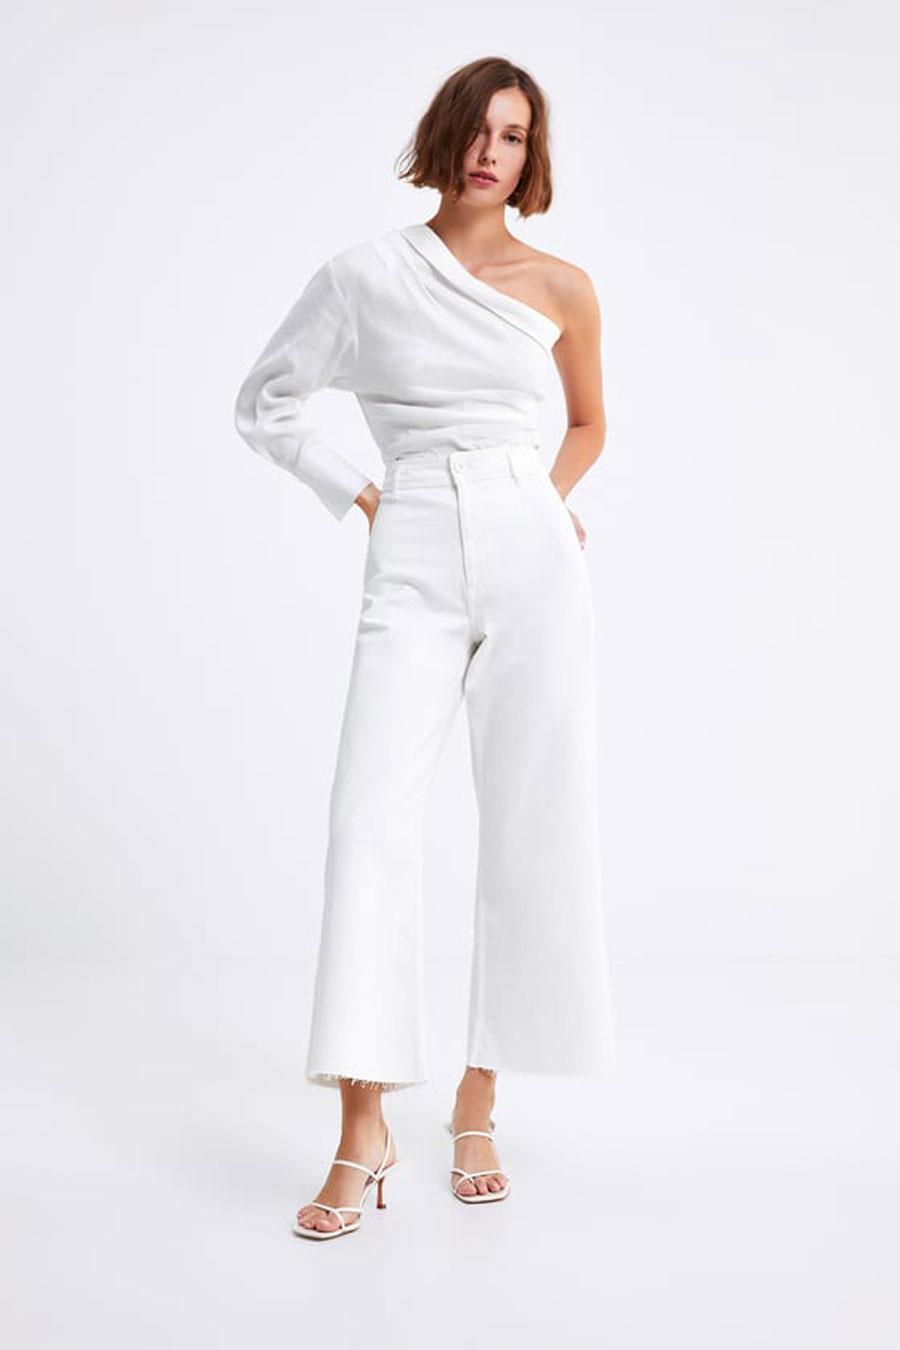 pantalon blancos de zara